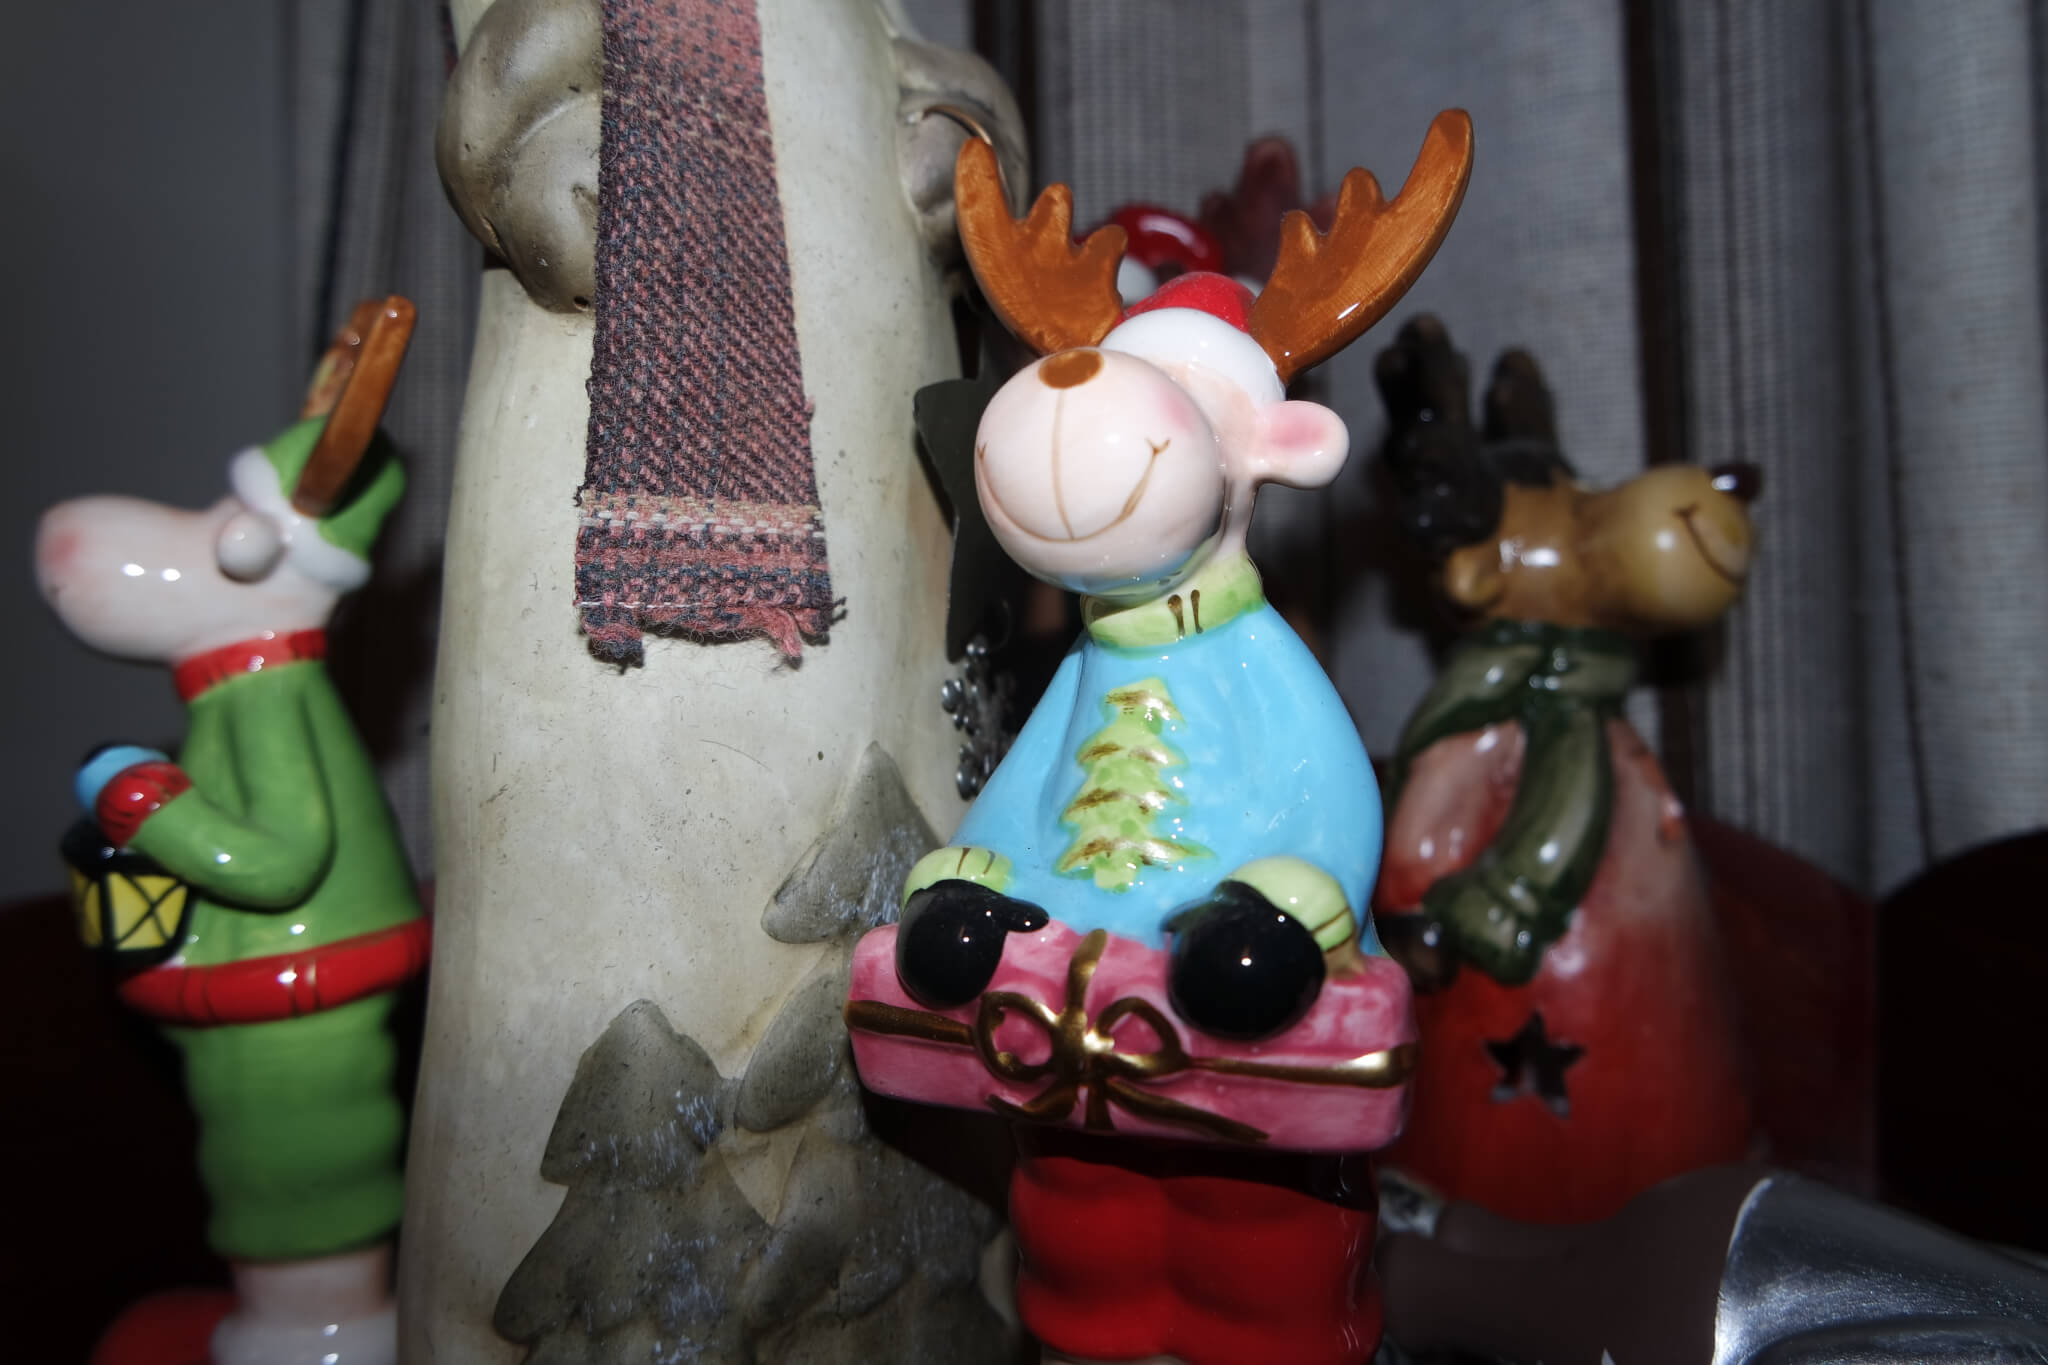 Elche für die Weihnachtszeit